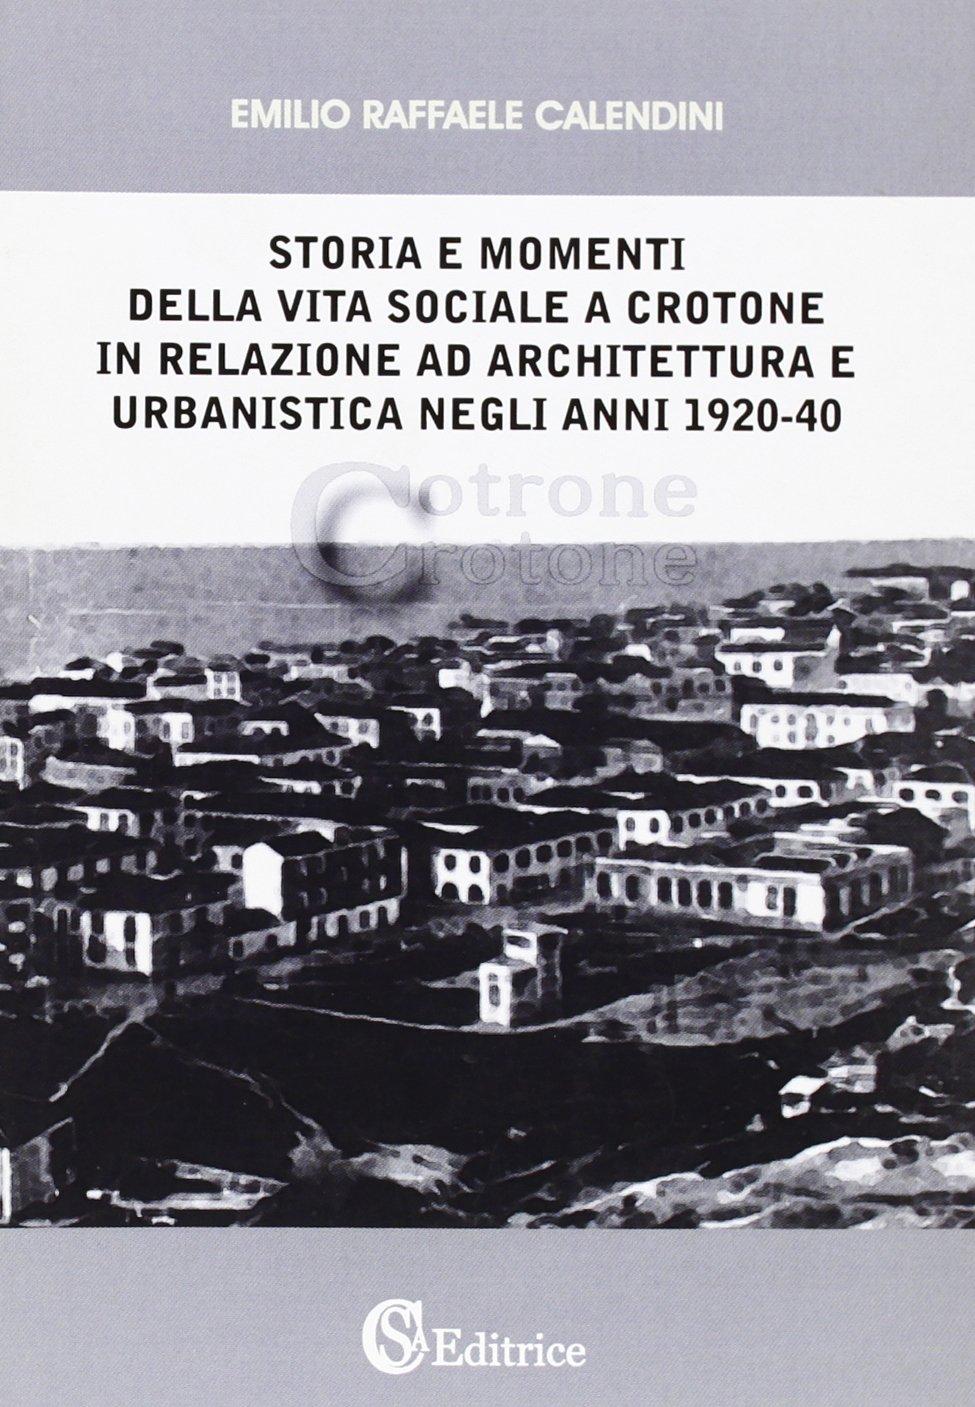 Storia e momenti della vita sociale a Crotone in relazione ad architettura e urbanistica negli anni 1920-40 pdf